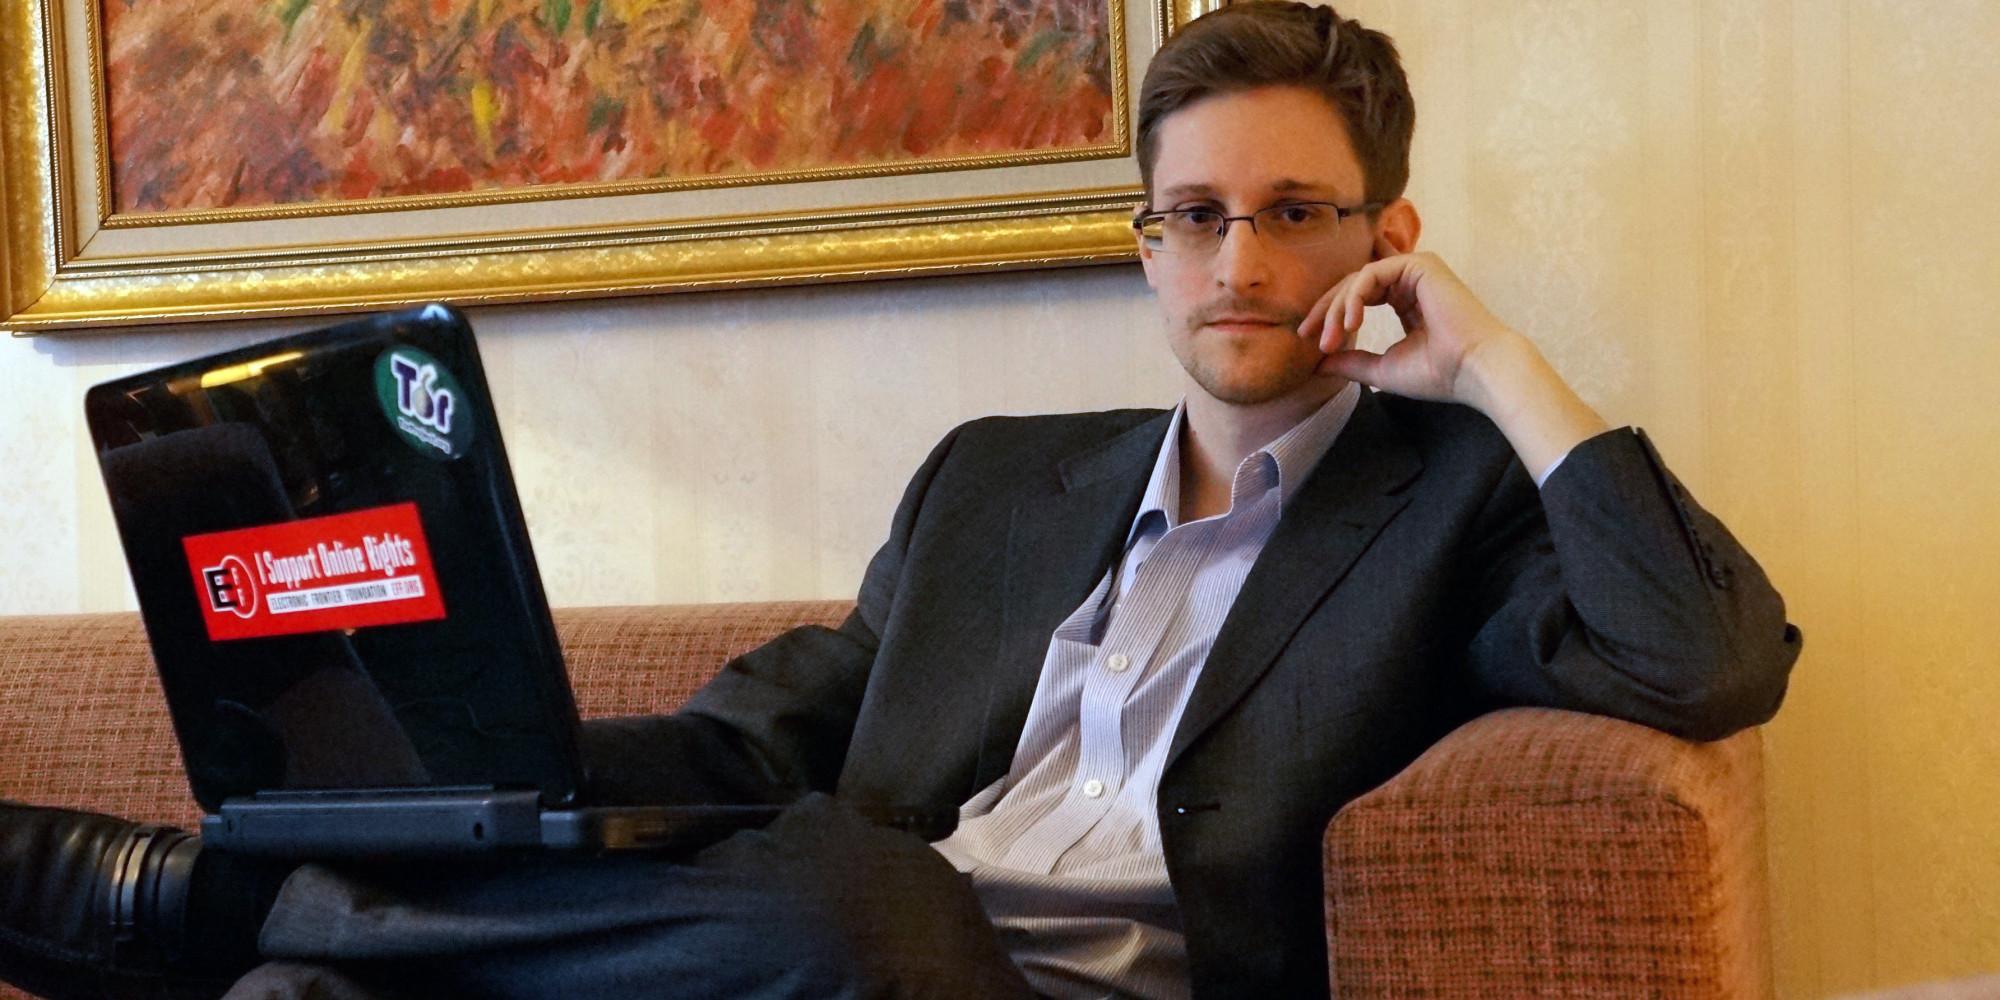 Edward Snowden | Vía: ilmtakeout.com